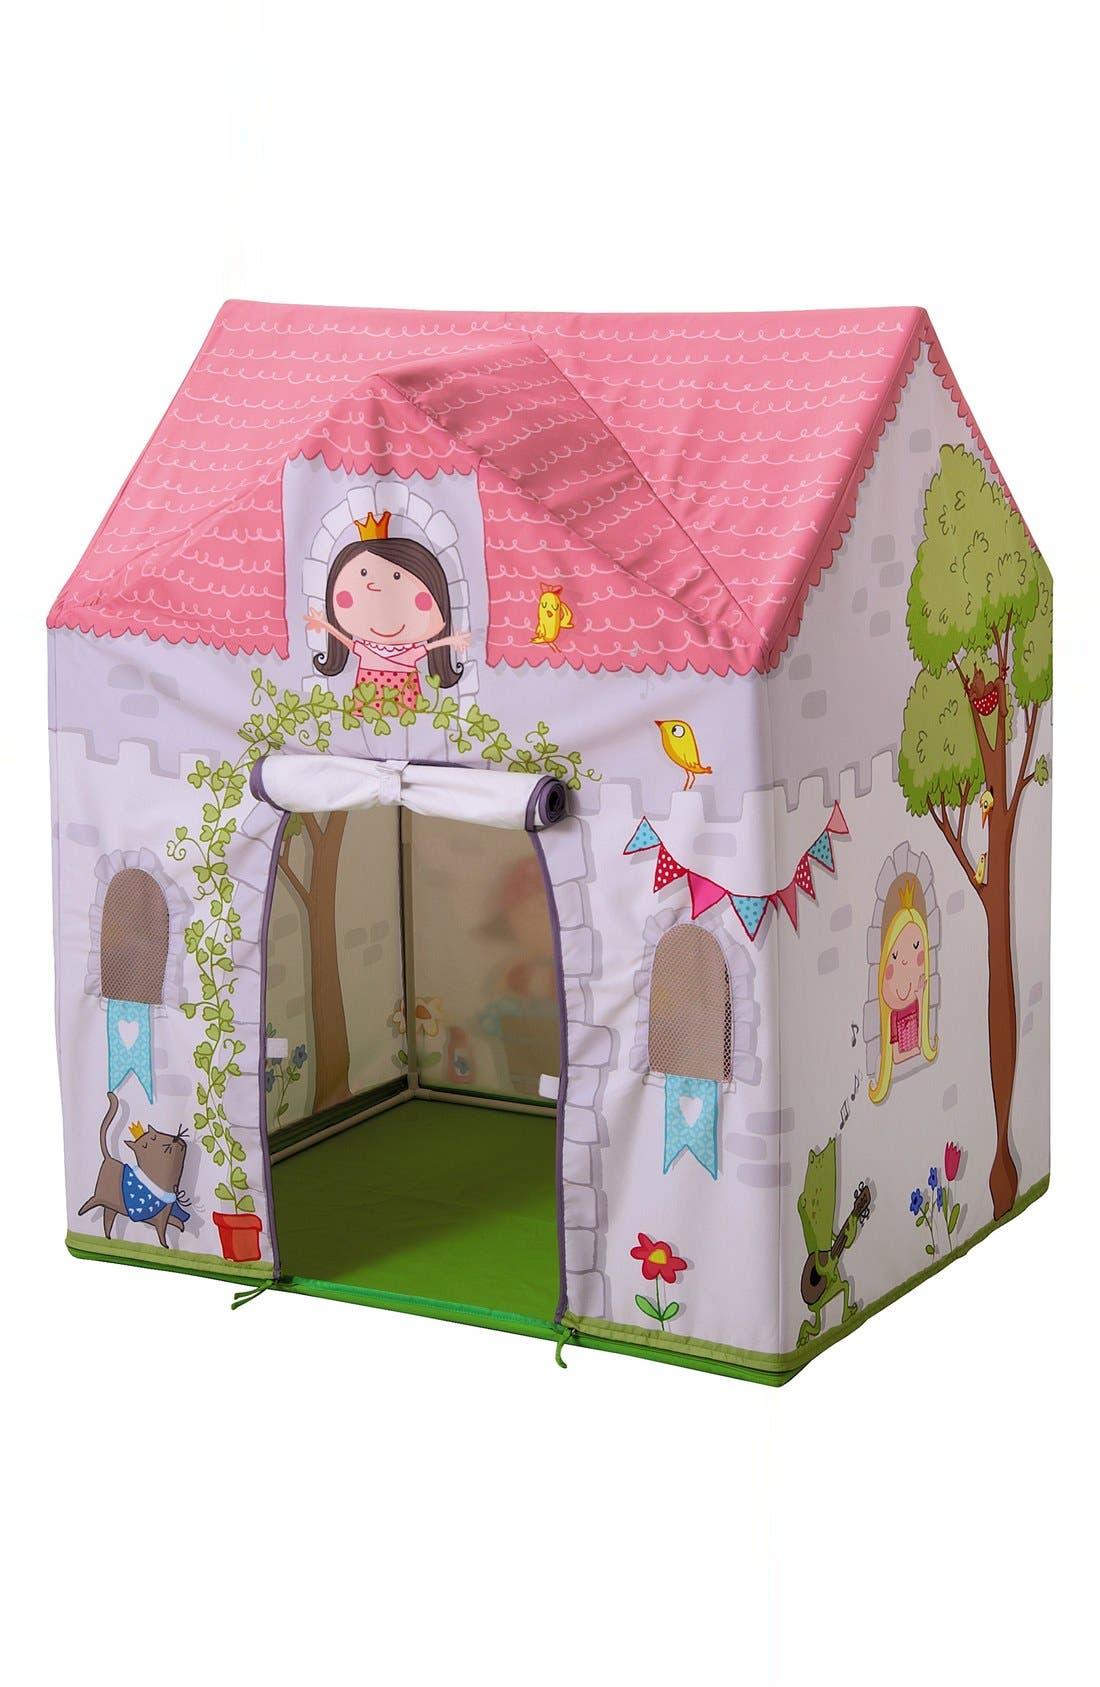 'Princess Rosalina' Play Tent,                             Main thumbnail 1, color,                             650